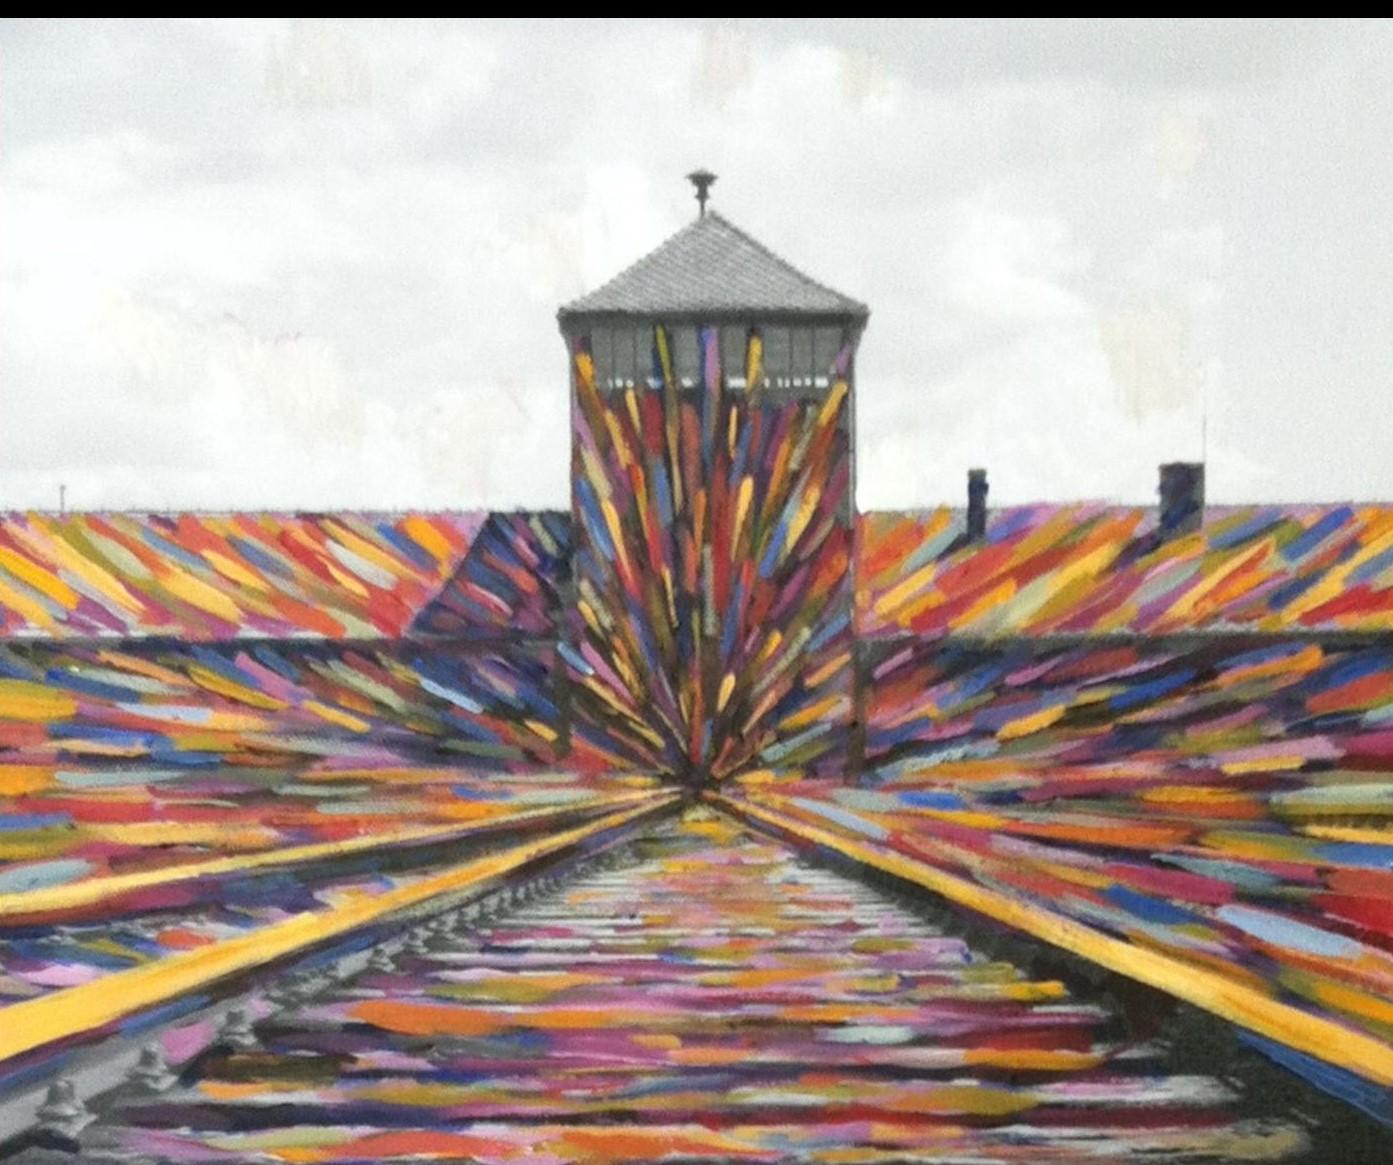 1הציור אושוויץ בצבע